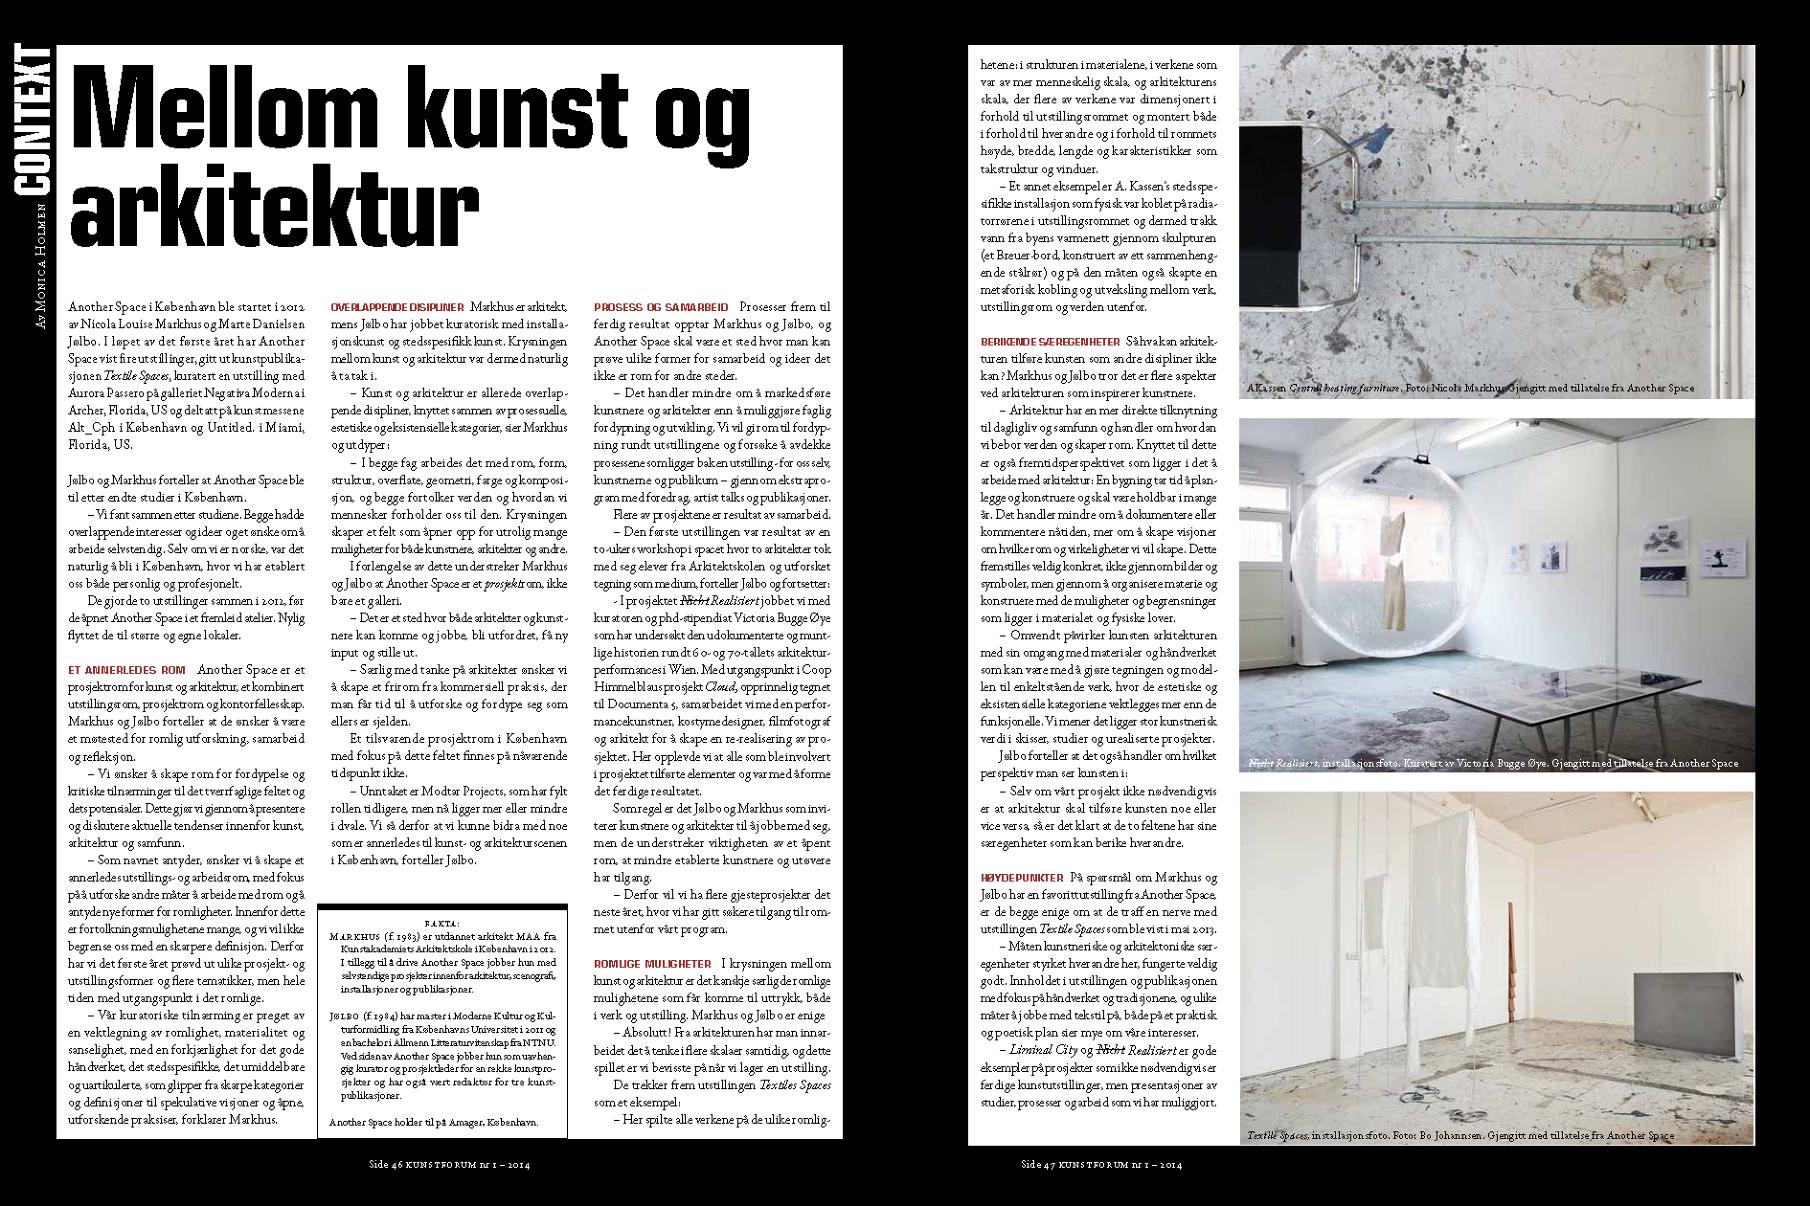 KunstForum 1 2014 46-47 Context_905_2x